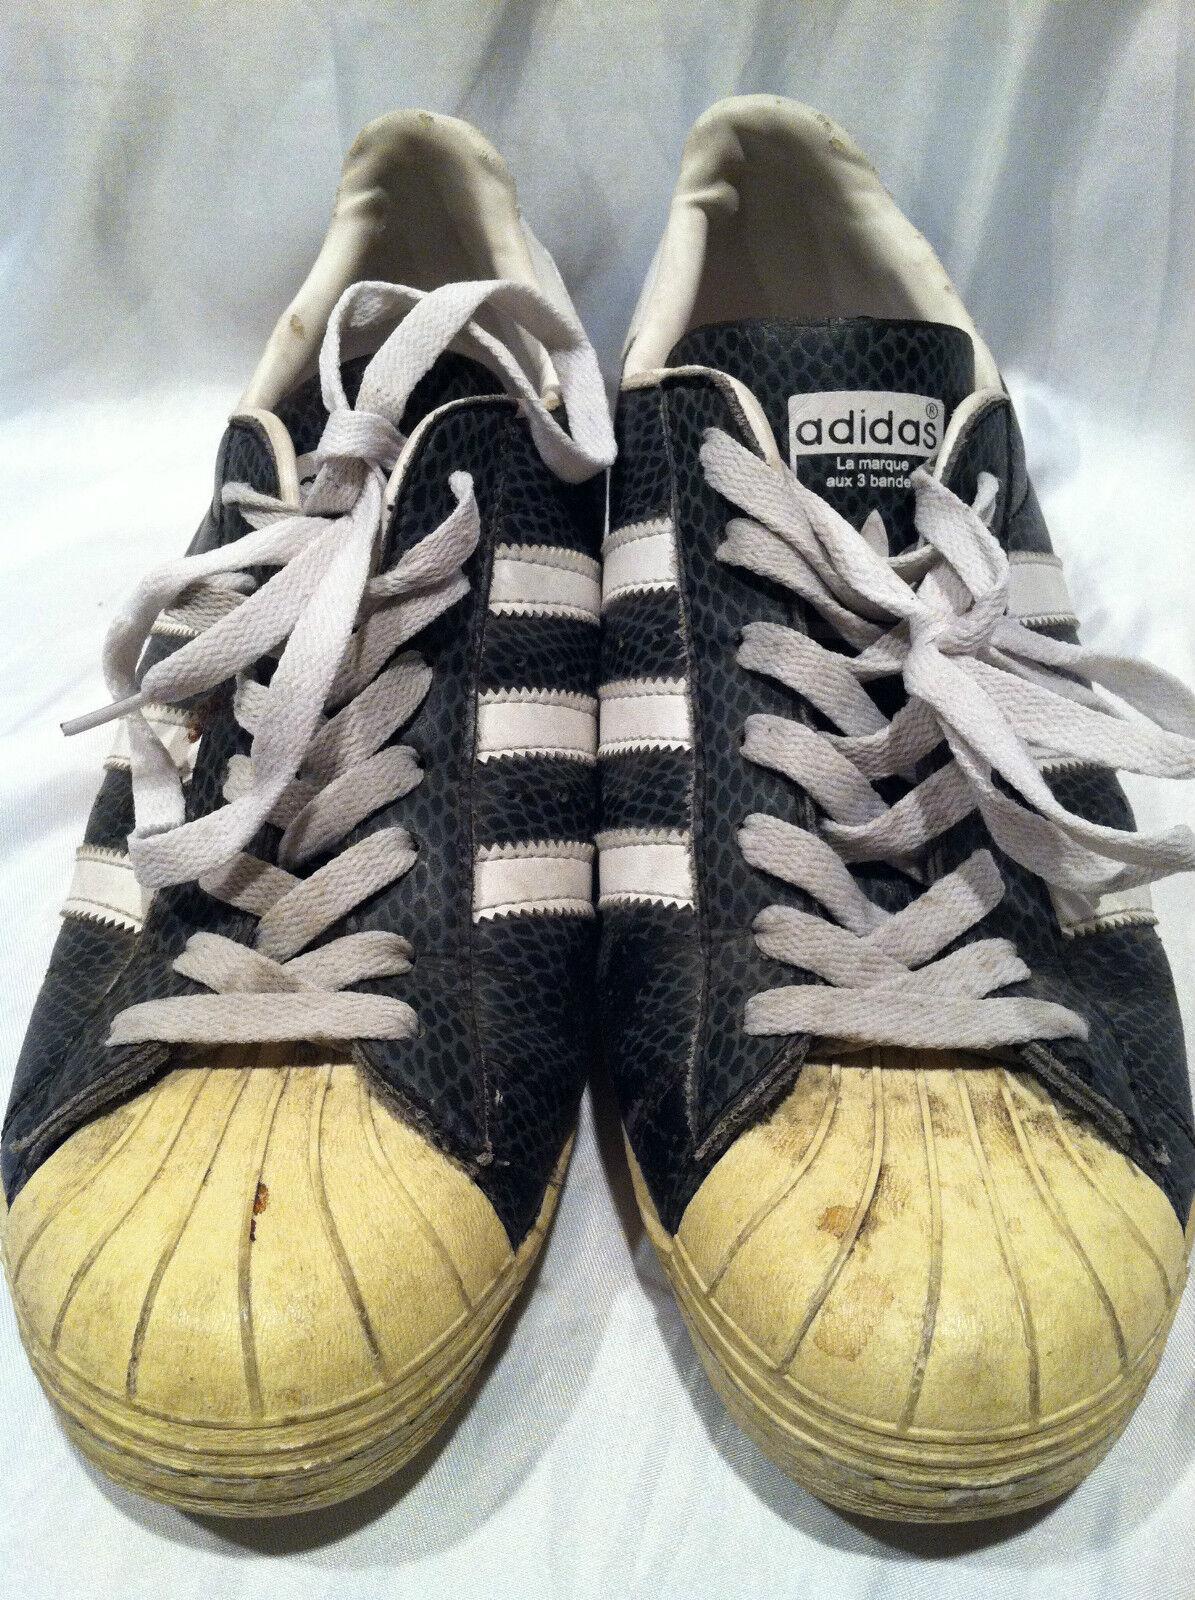 Chaussures de tennis en cuir noires Adidas, baskets, 3 bandes, US 10.5 très collectionneurs